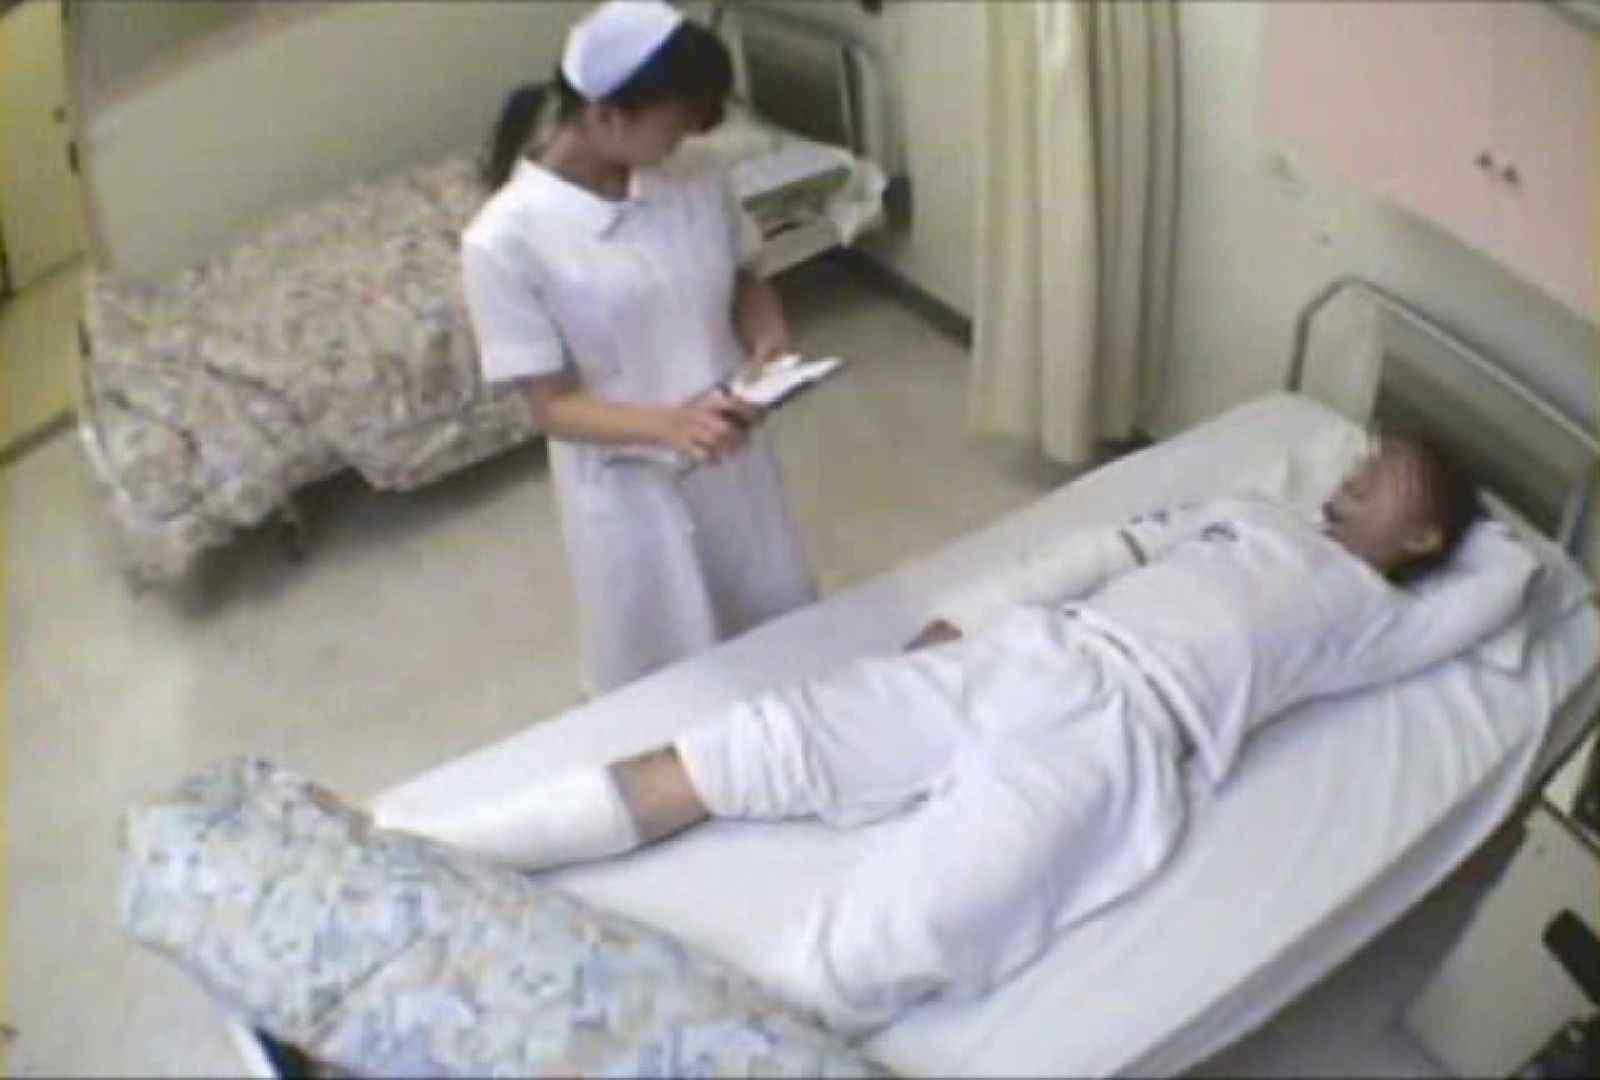 絶対に逝ってはいけない寸止め病棟Vol.5 OLセックス  98画像 52